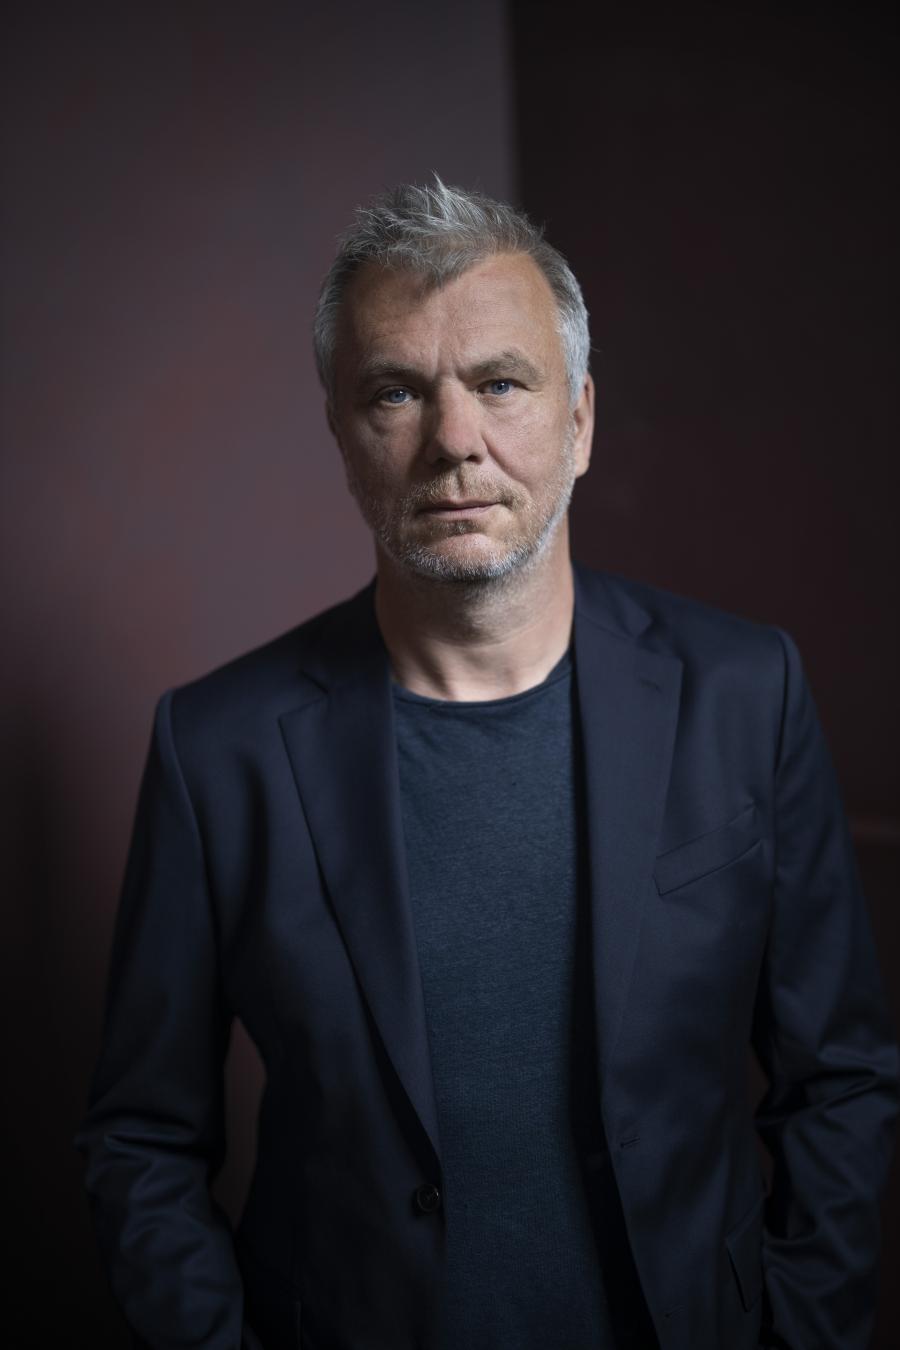 Portræt af Jesper Stein. Fotograf: Klaus Holting